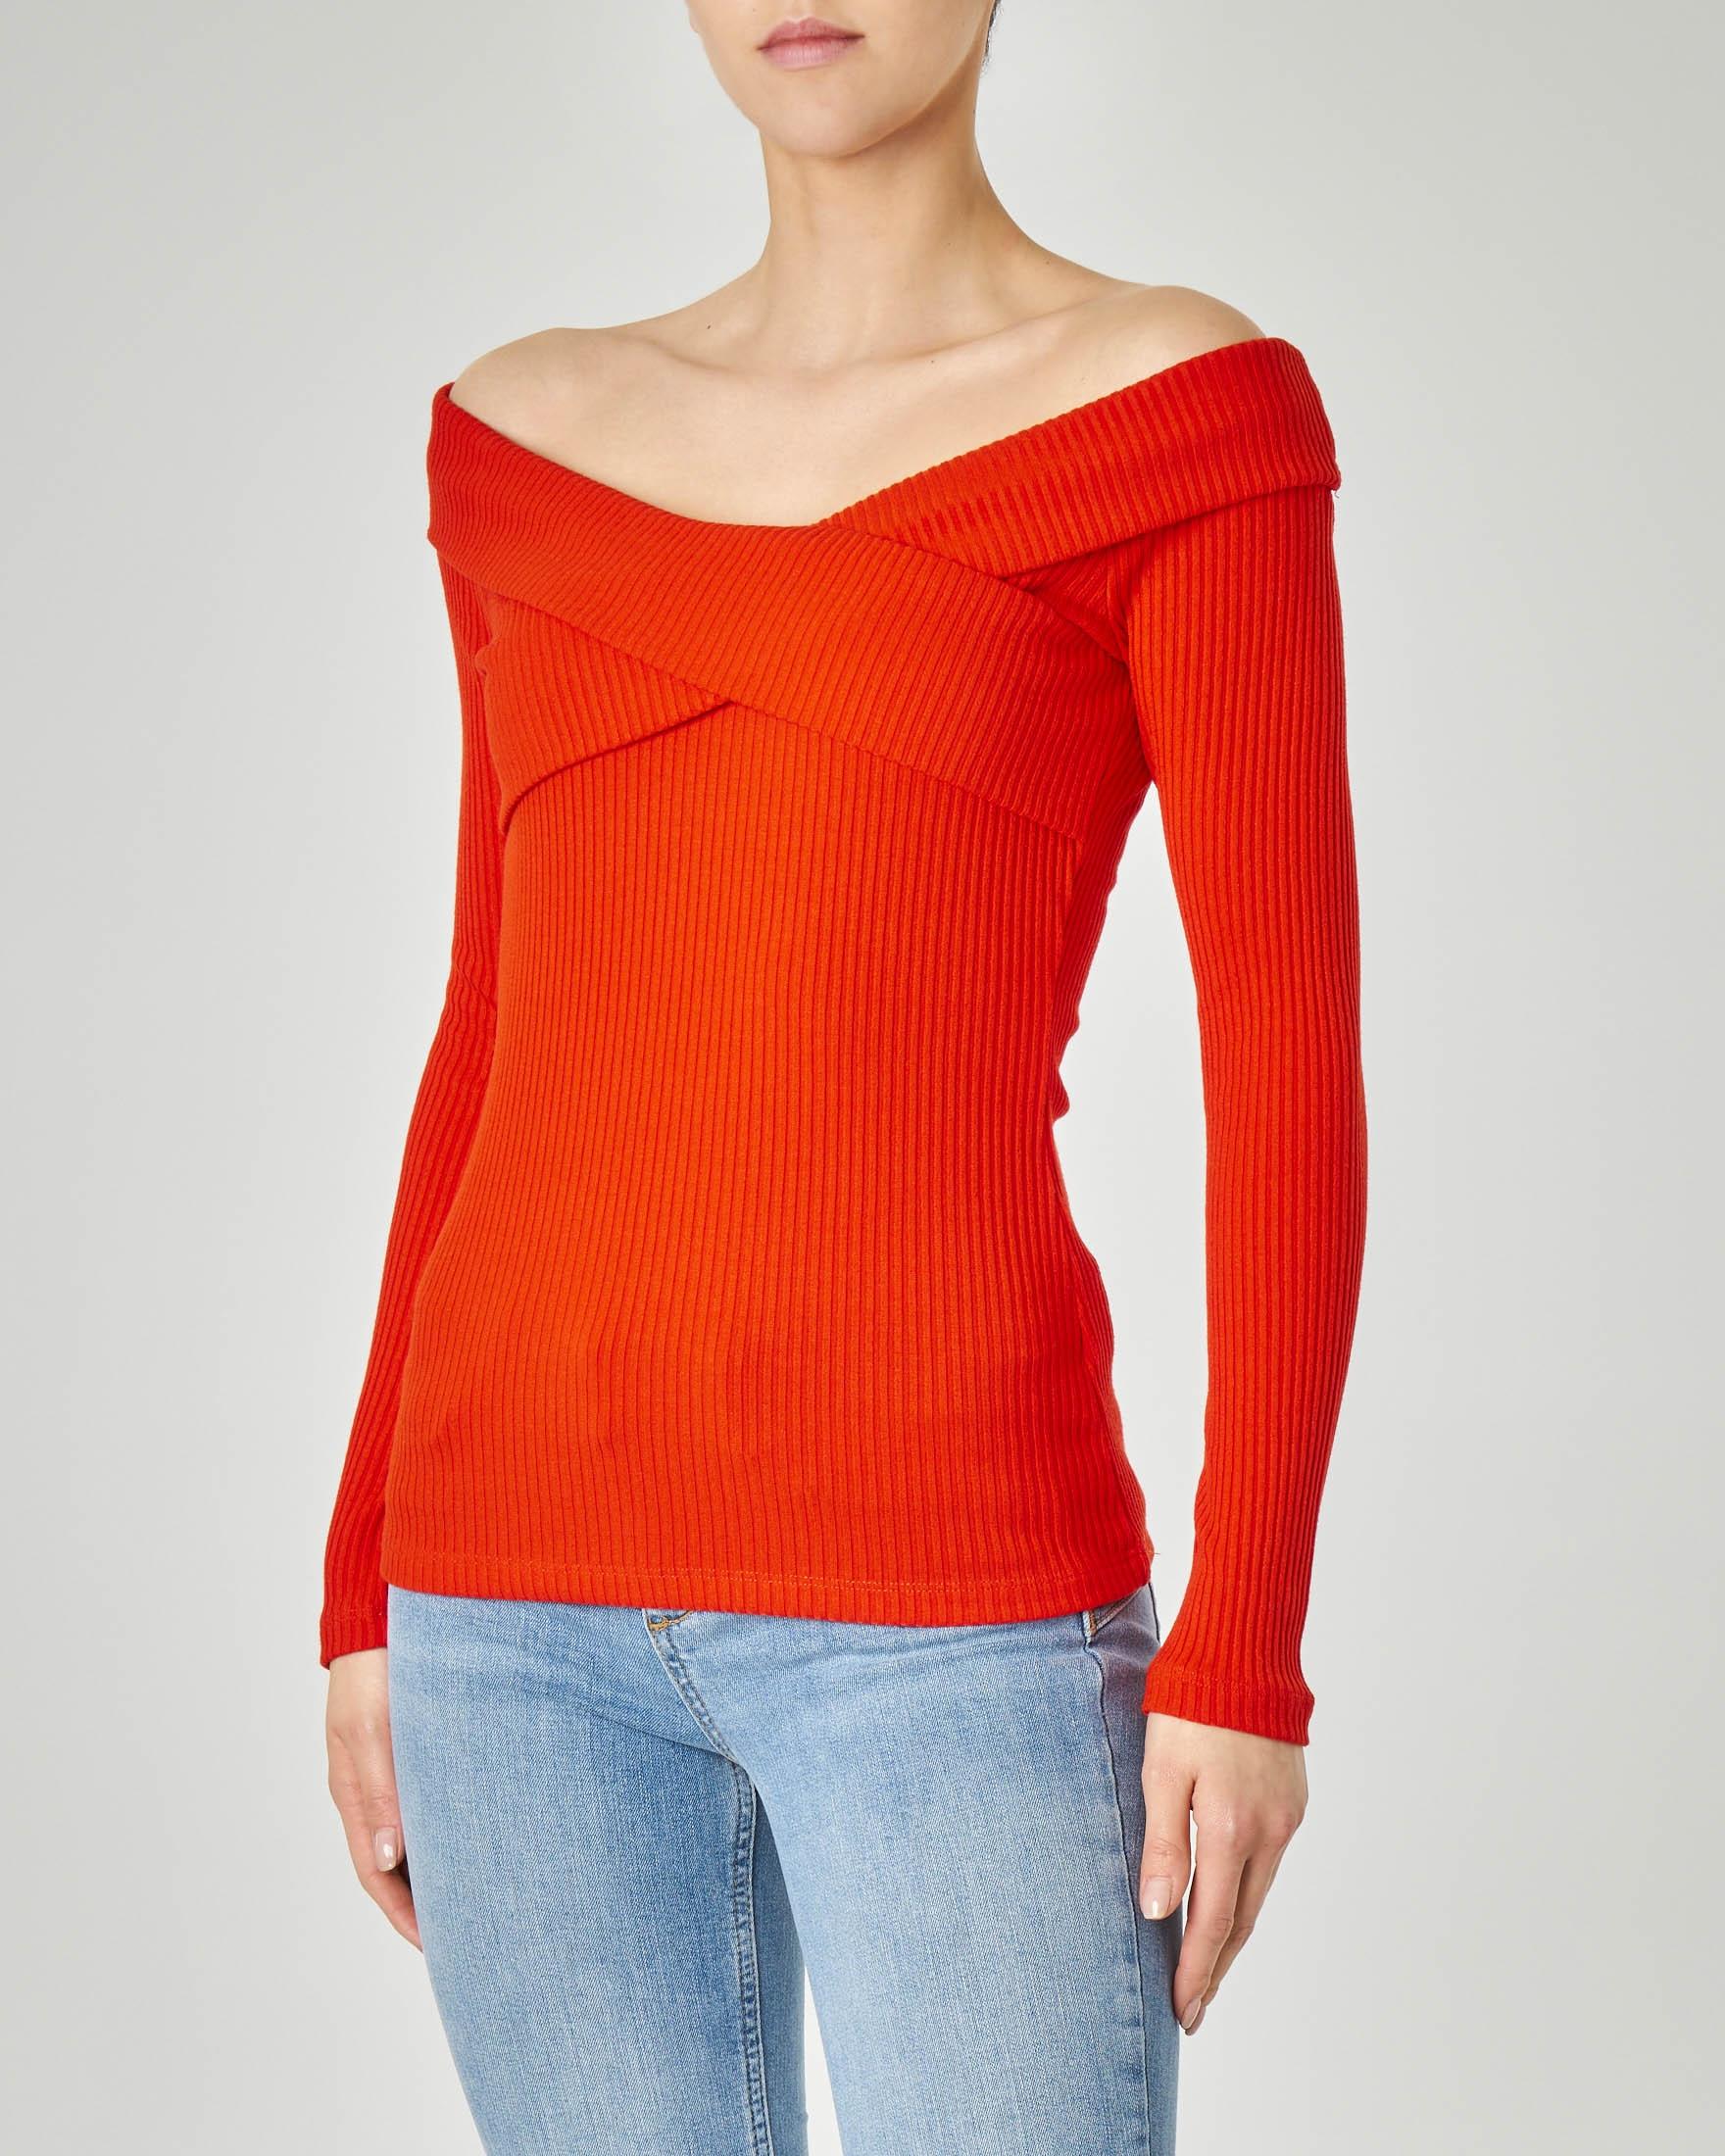 a29d79bb22 Maglia rossa in tessuto misto viscosa a costine con maniche lunghe e scollo  a barchetta incrociato